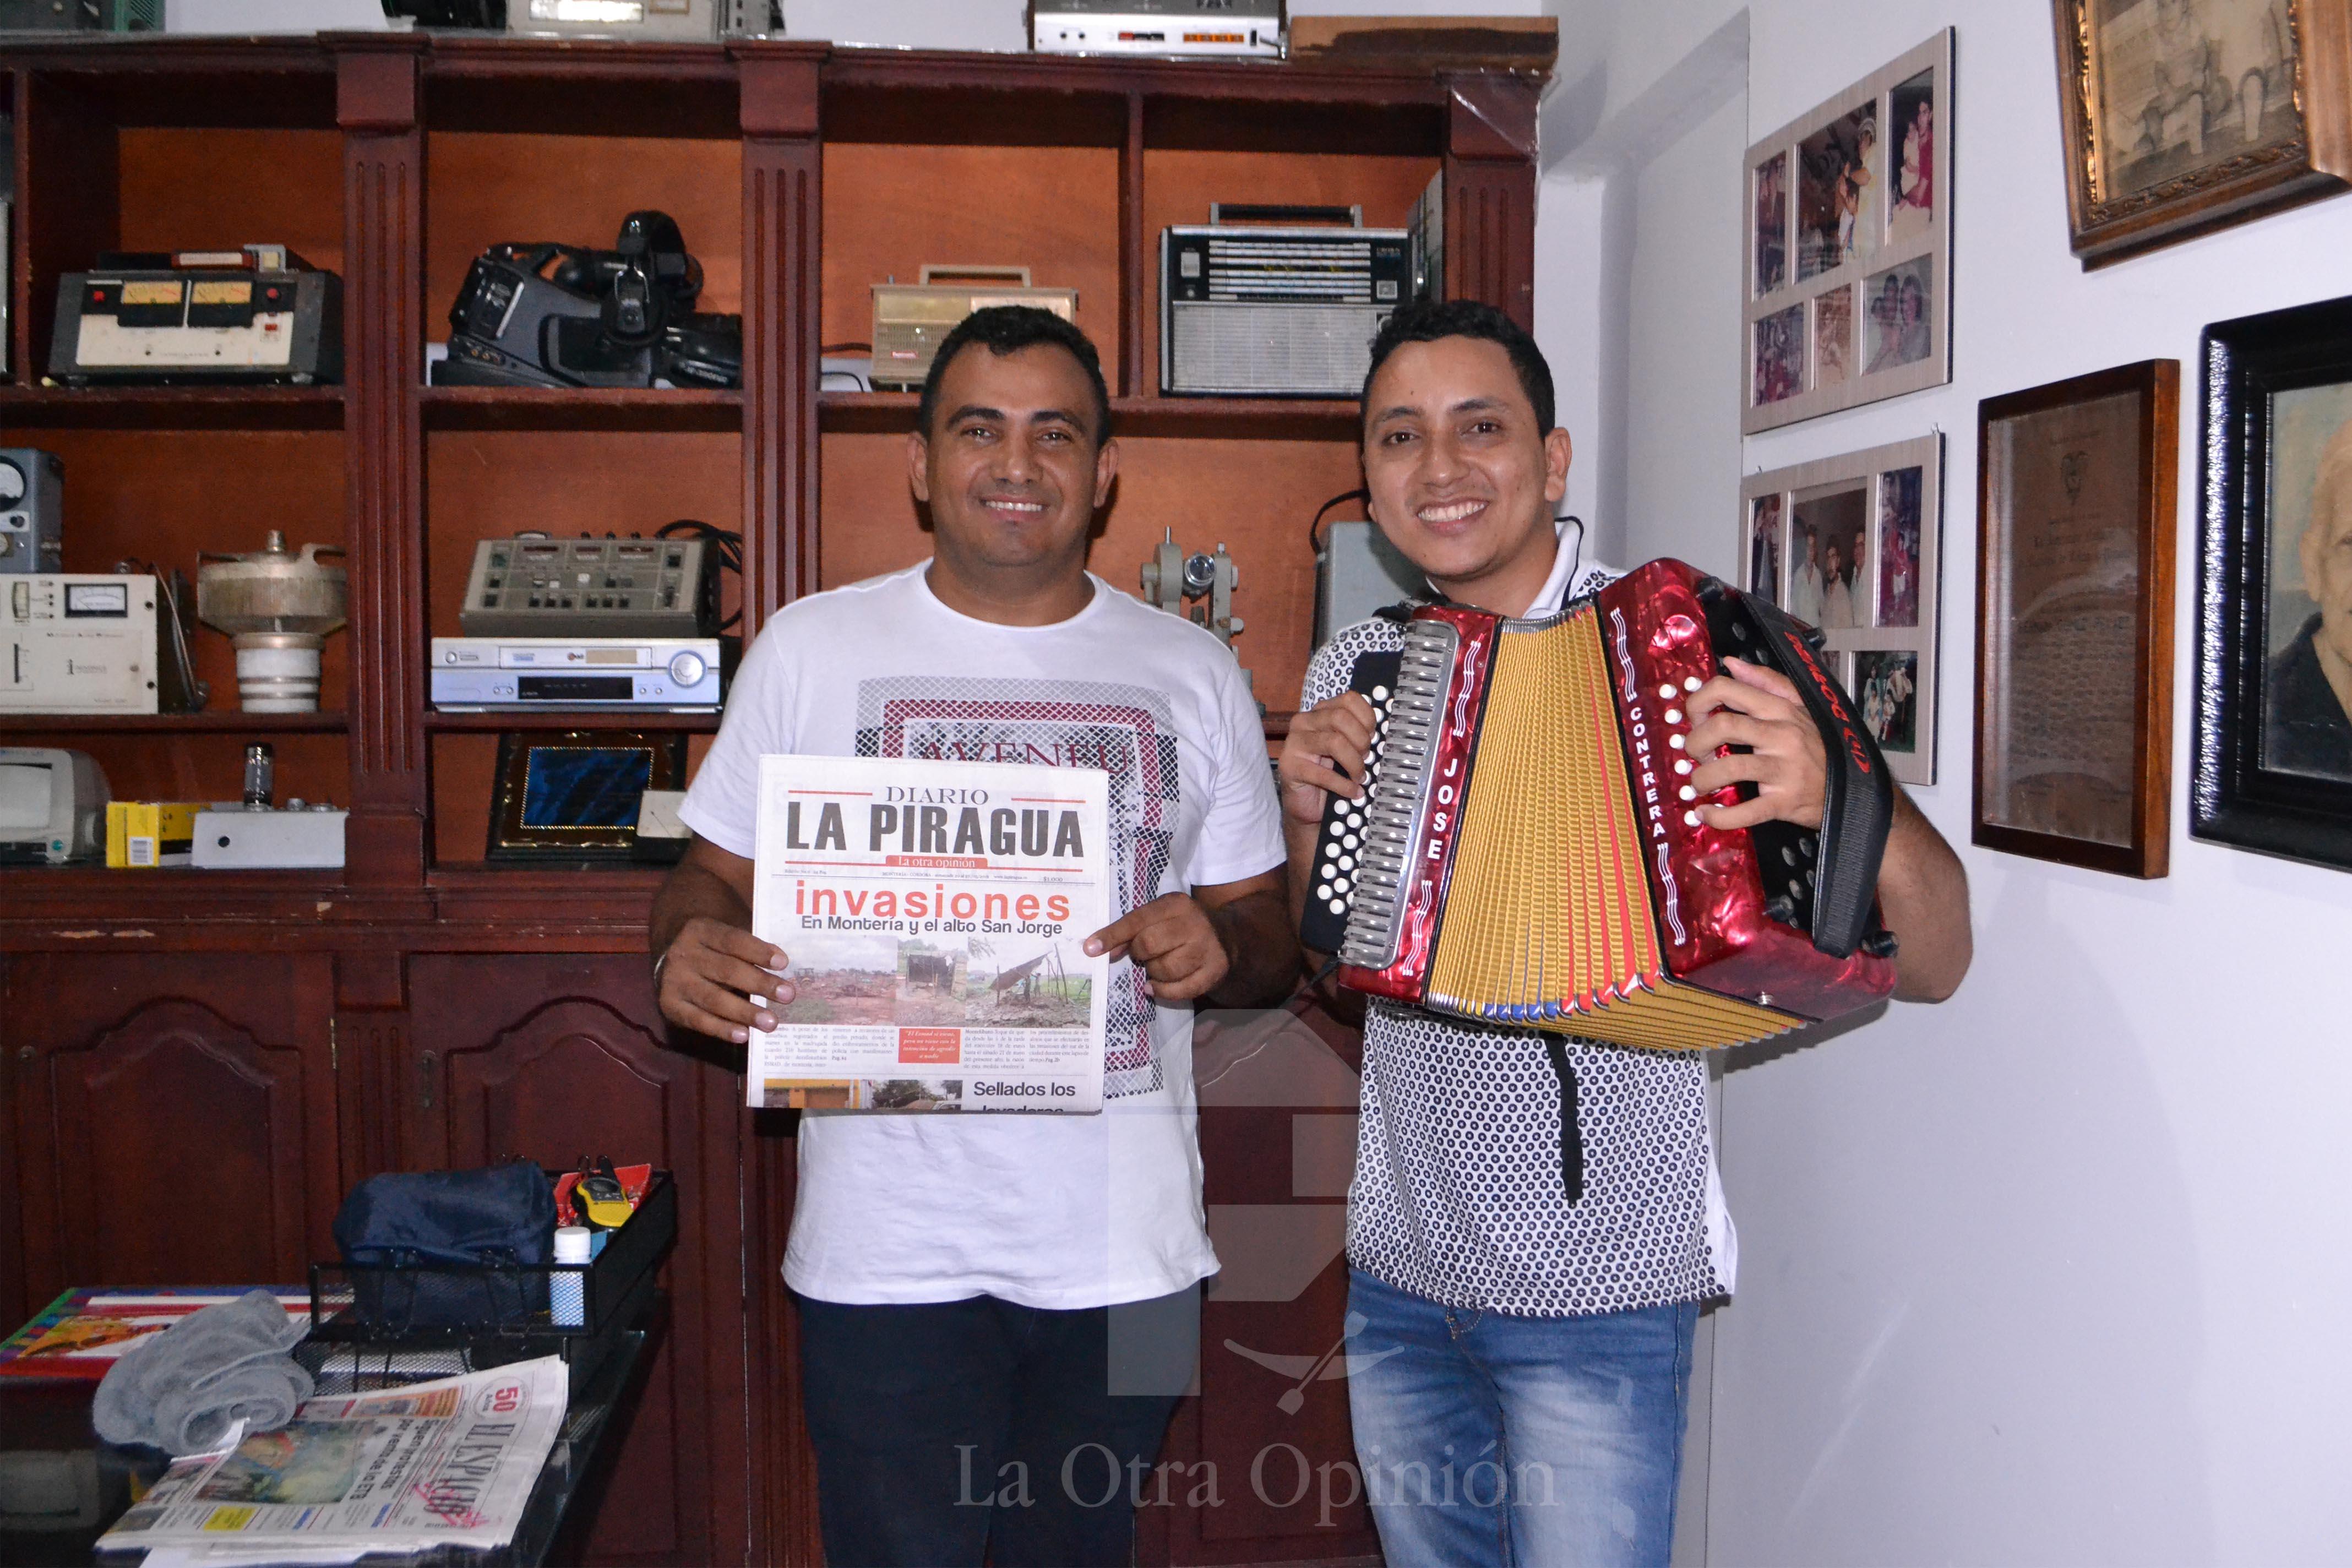 Entrevista a grupo de vallenato